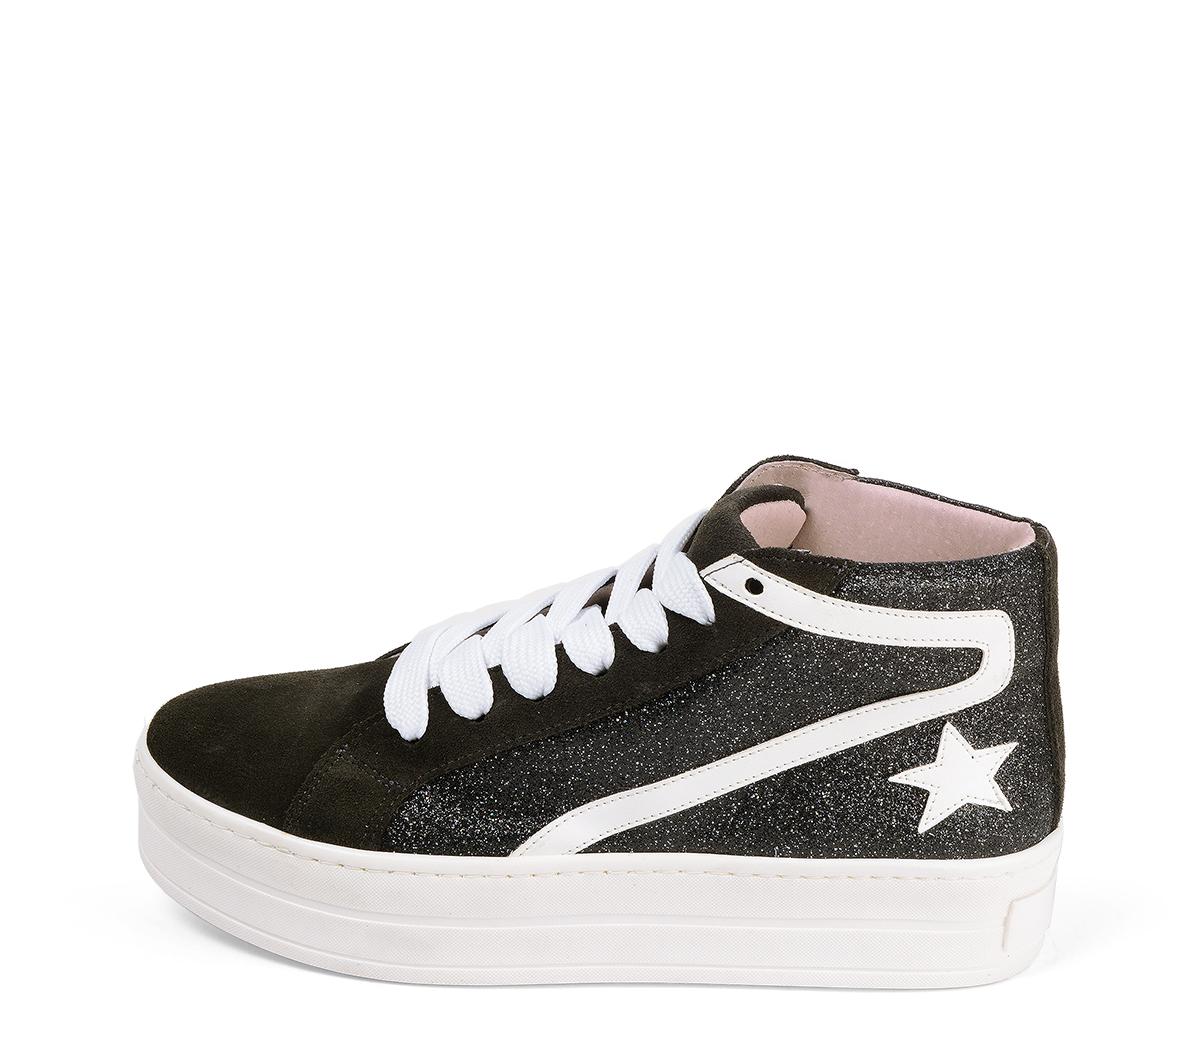 Ref. 4571 Sneaker abotinada serraje gris con glitter al tono. Cordones blancos. Detalles lateral en piel blanca. Plataforma blanca de 4 cm. Altura de caña 8 cm.